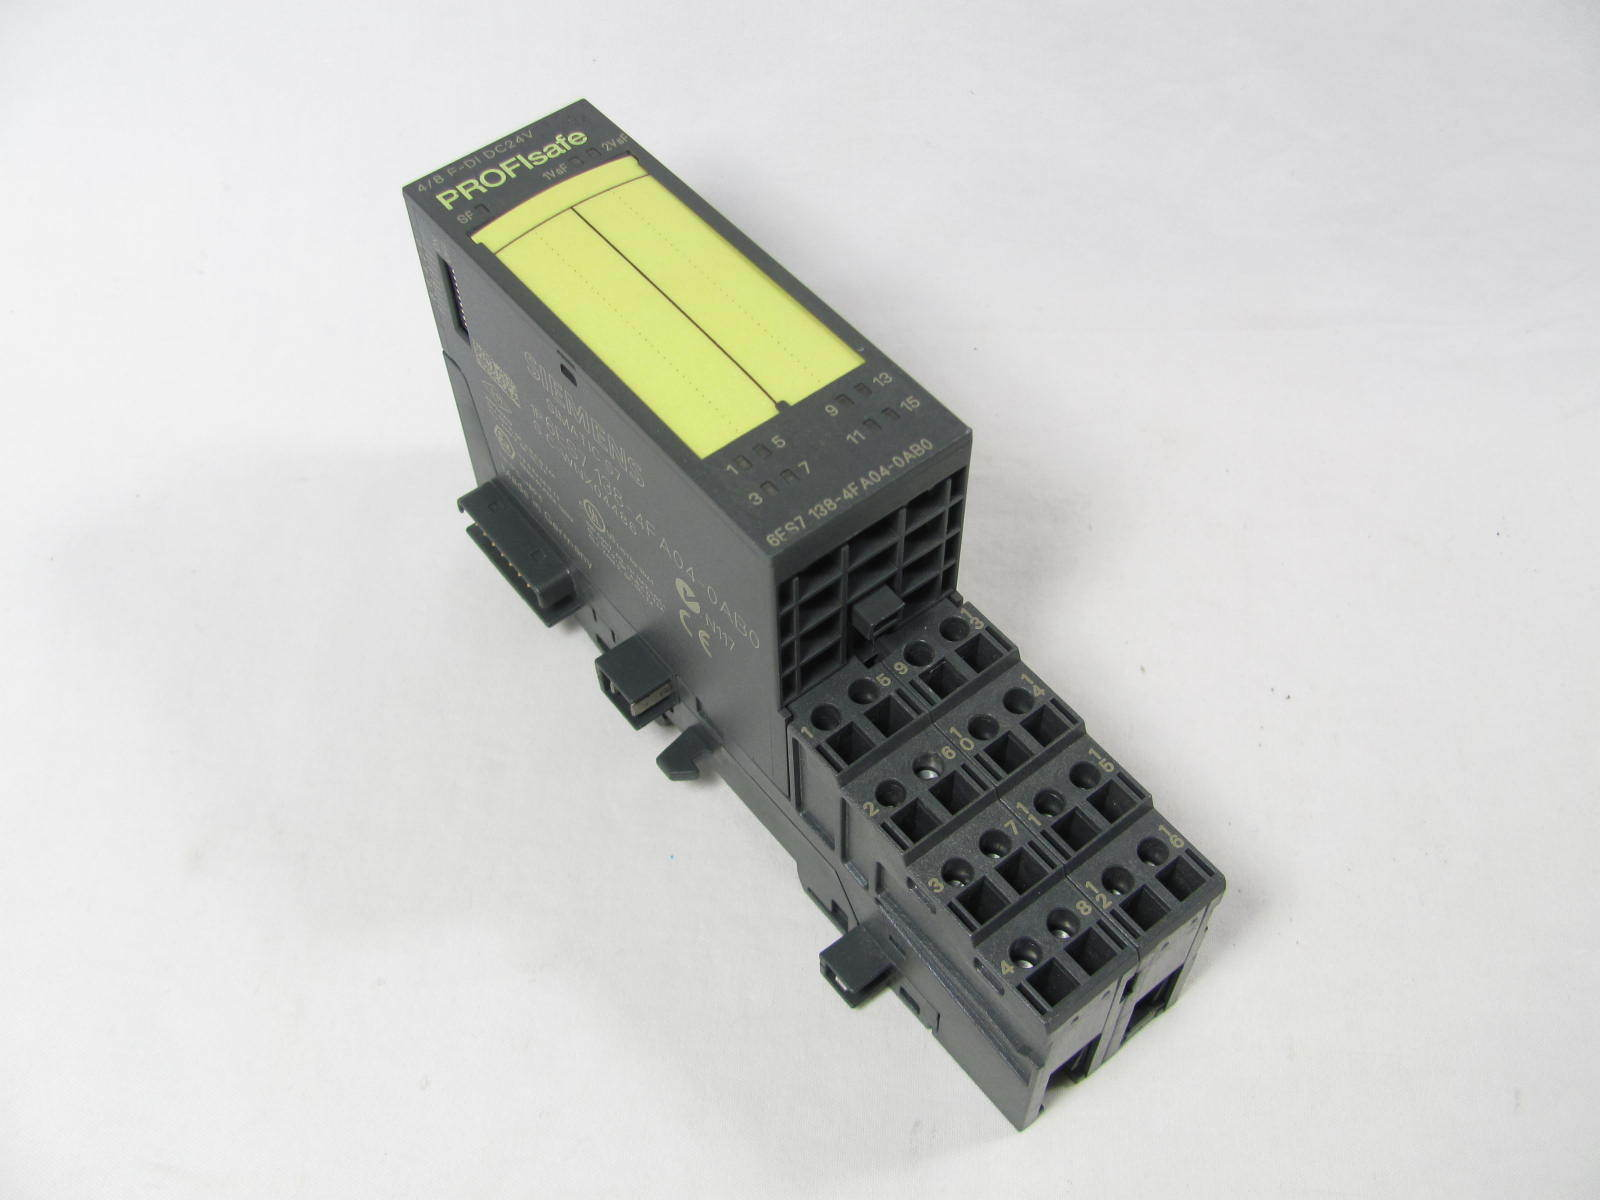 Siemens, Simatic S7, Digital Input, 6ES7138-4FA04-0AB0, 6ES7 138, with Base